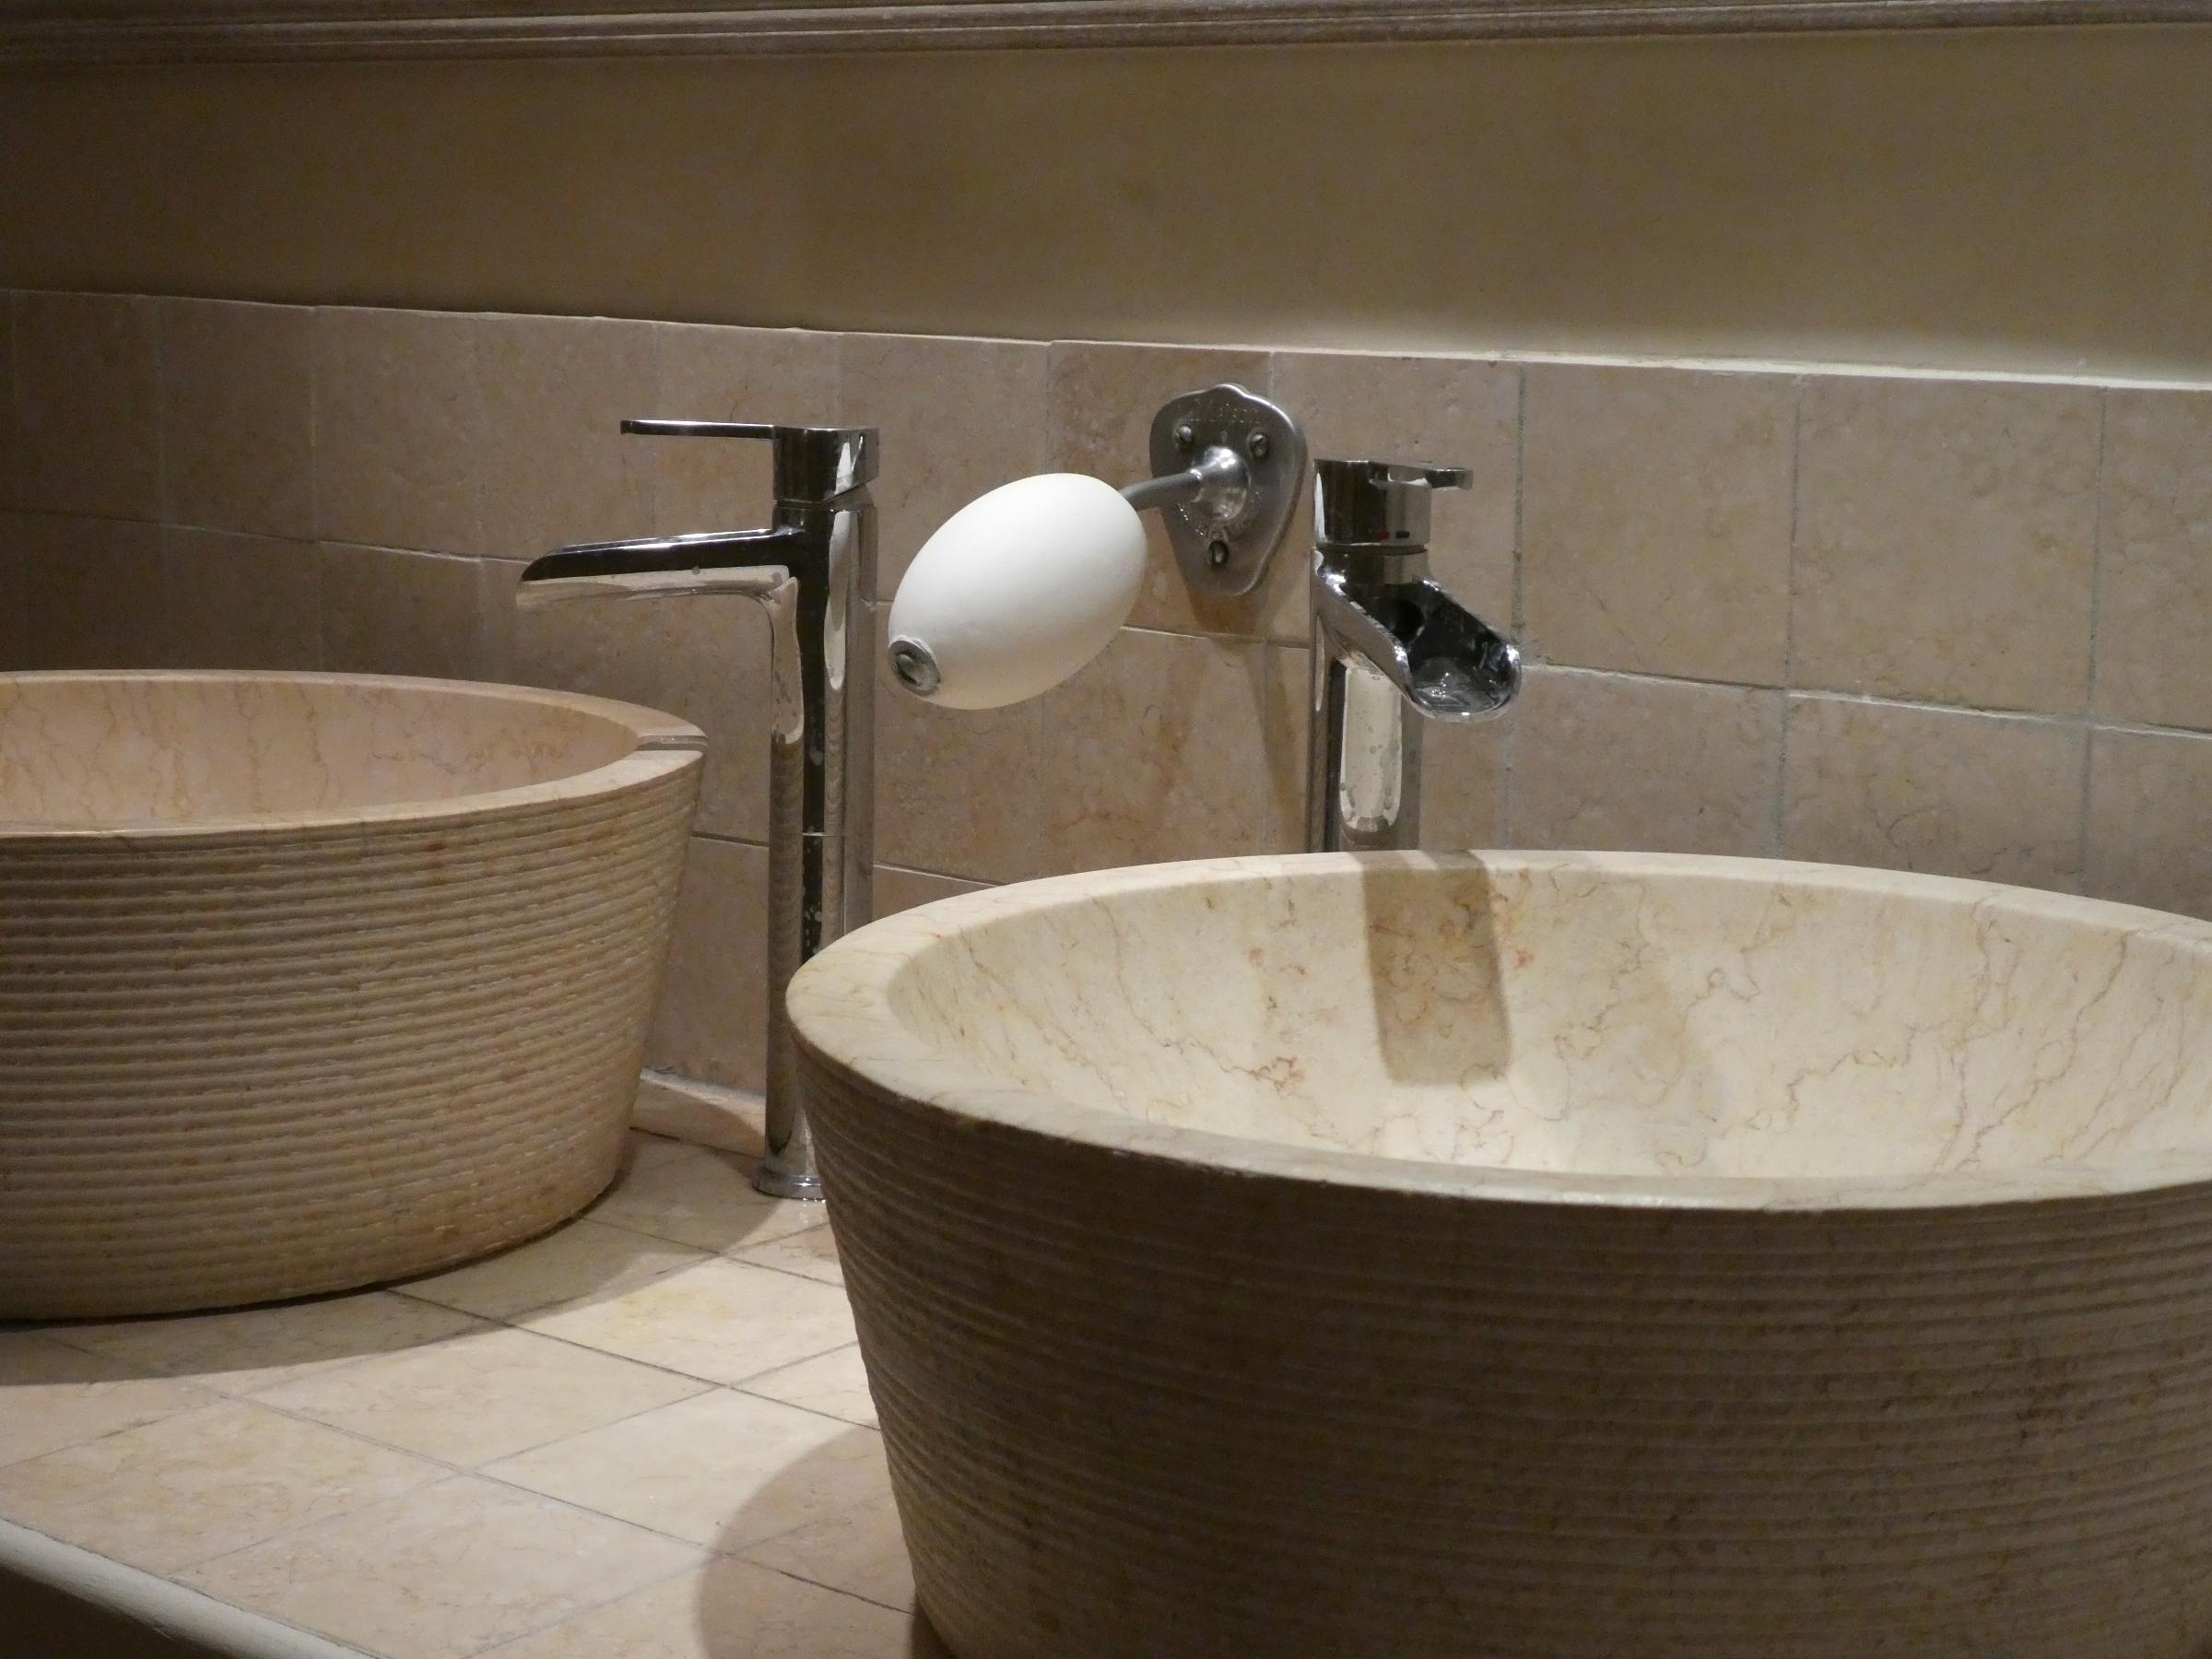 Salles de bain f lix roche artisan - Artisan salle de bain ...